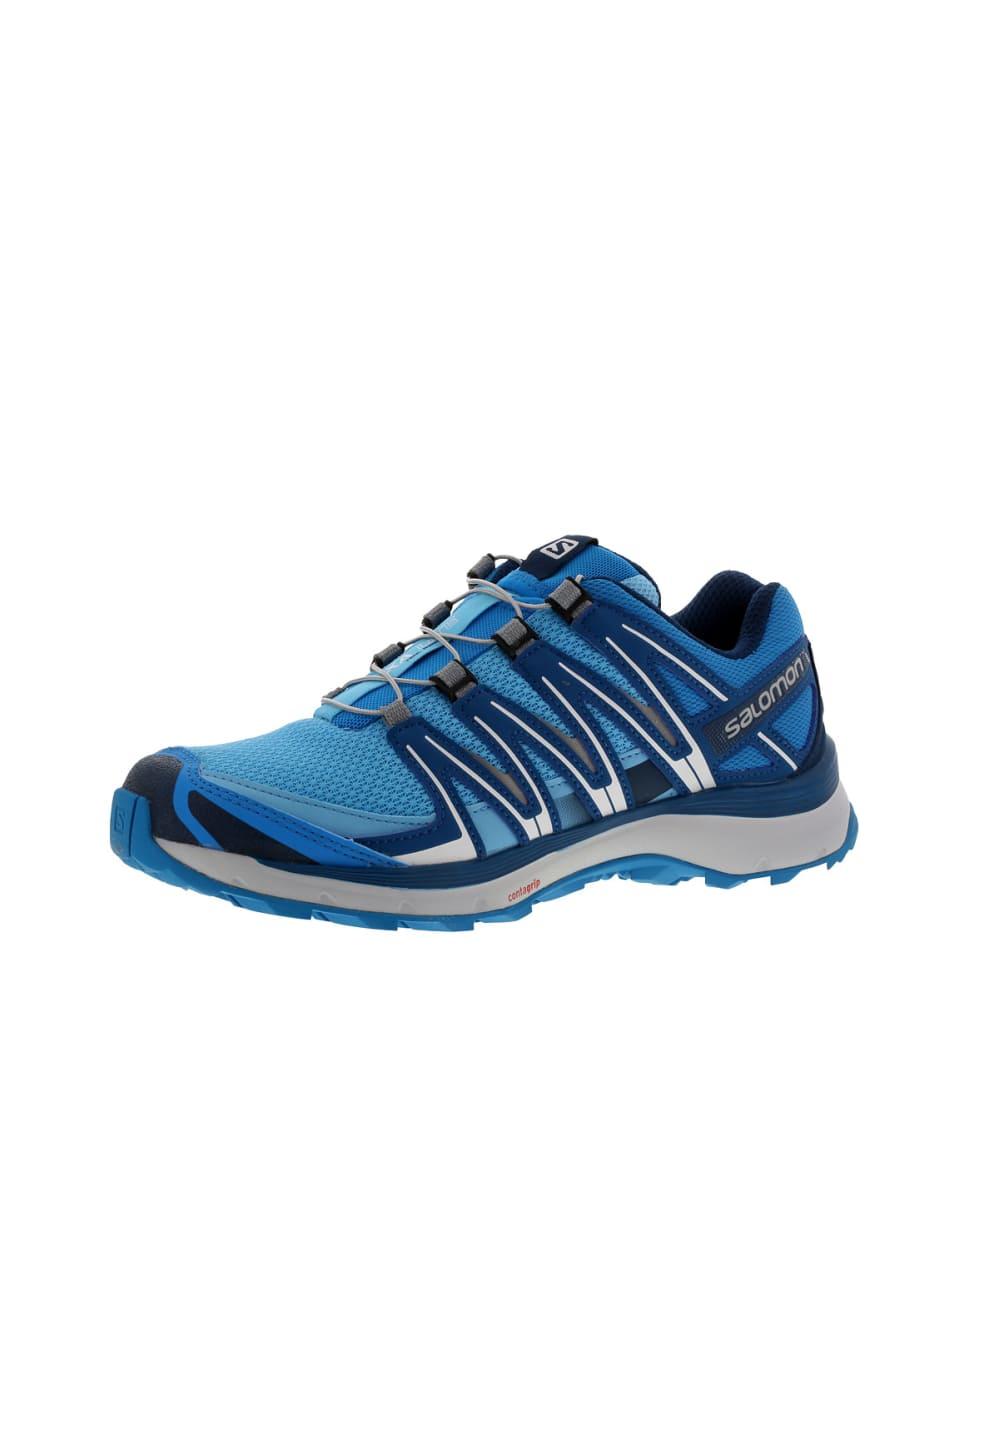 Salomon XA Lite - Laufschuhe für Damen - Blau 0oWUhotFL